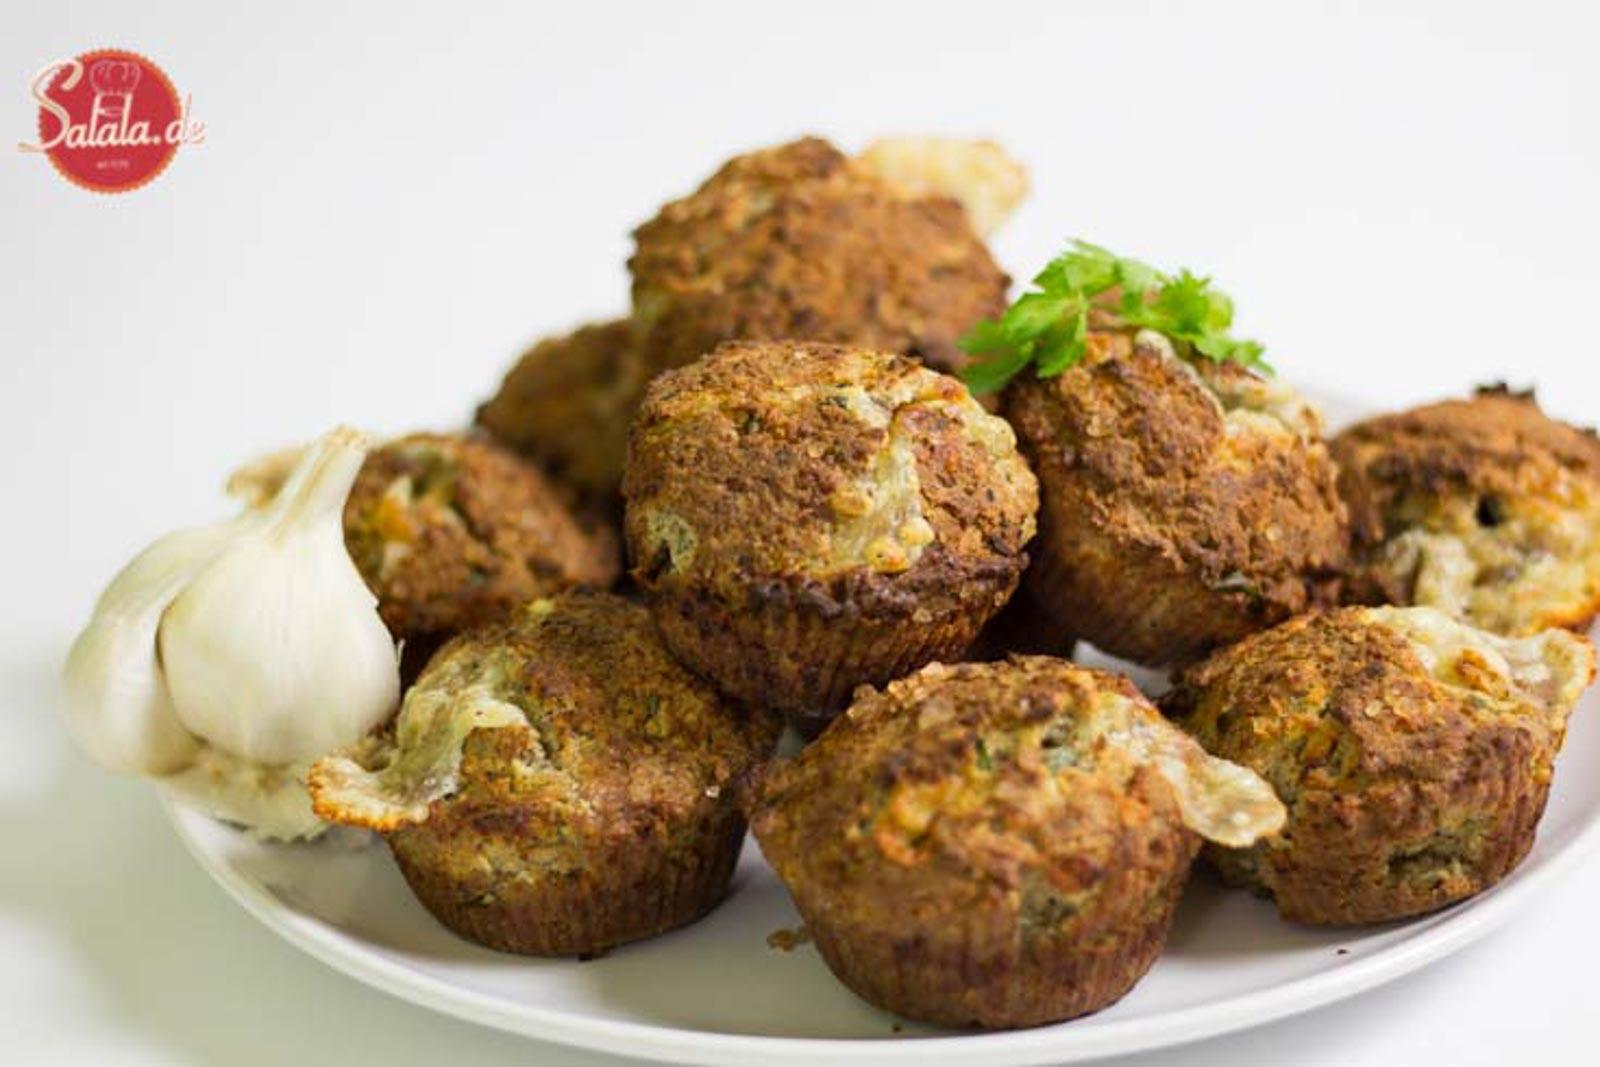 Käse-Knoblauch-Muffins low carb backen glutenfrei salala.de Rezept